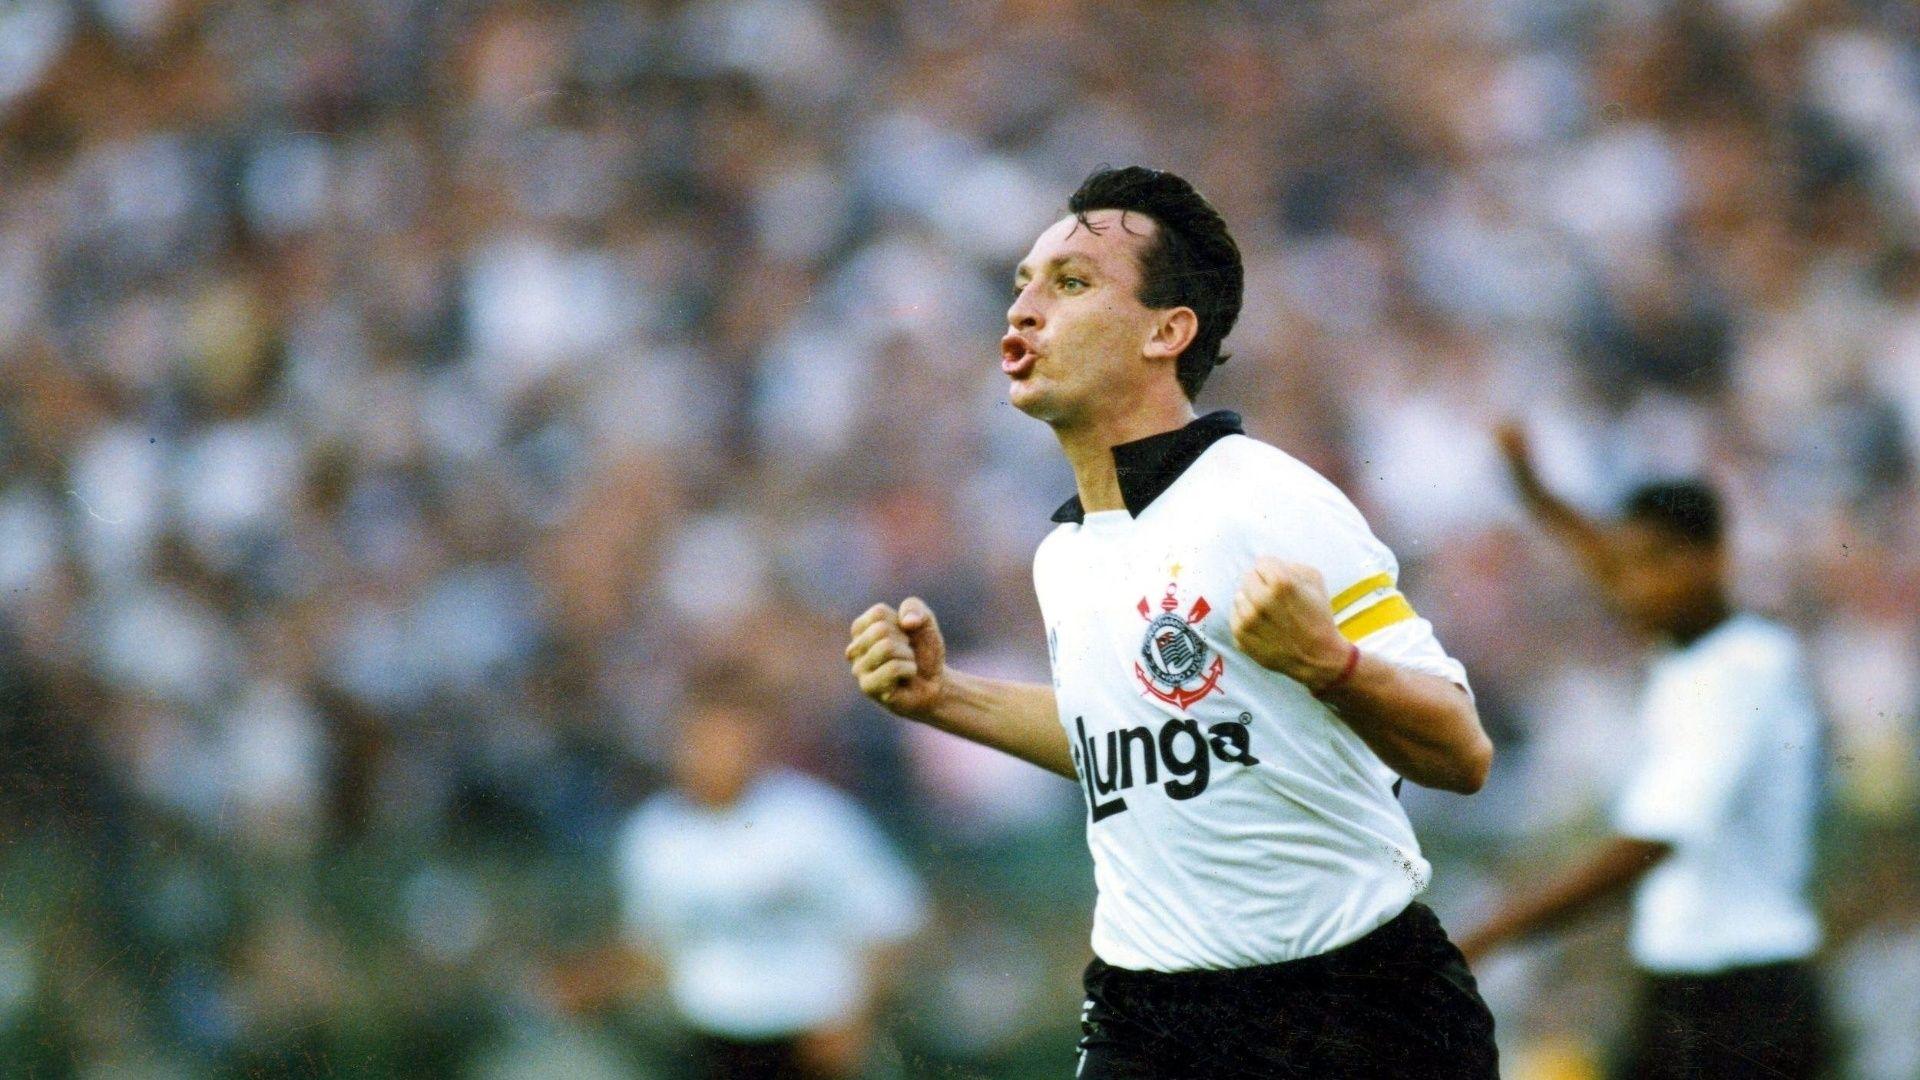 Neto na época em que jogava pelo Corinthians / Divulgação